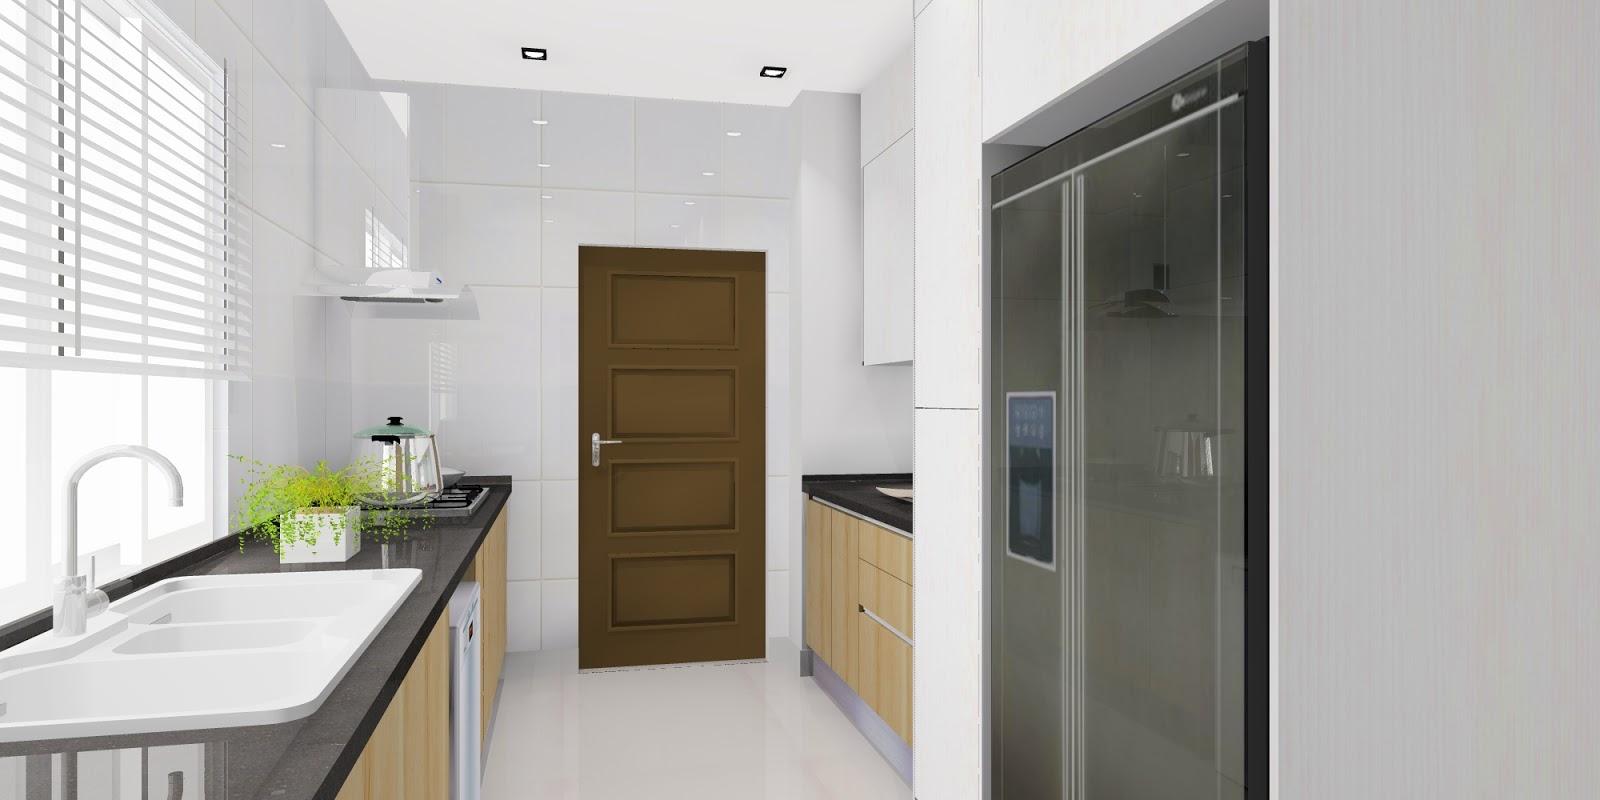 kitchen cabinets interior design ideas malaysia   Meridian - Interior Design and Kitchen Design, in Kuala ...